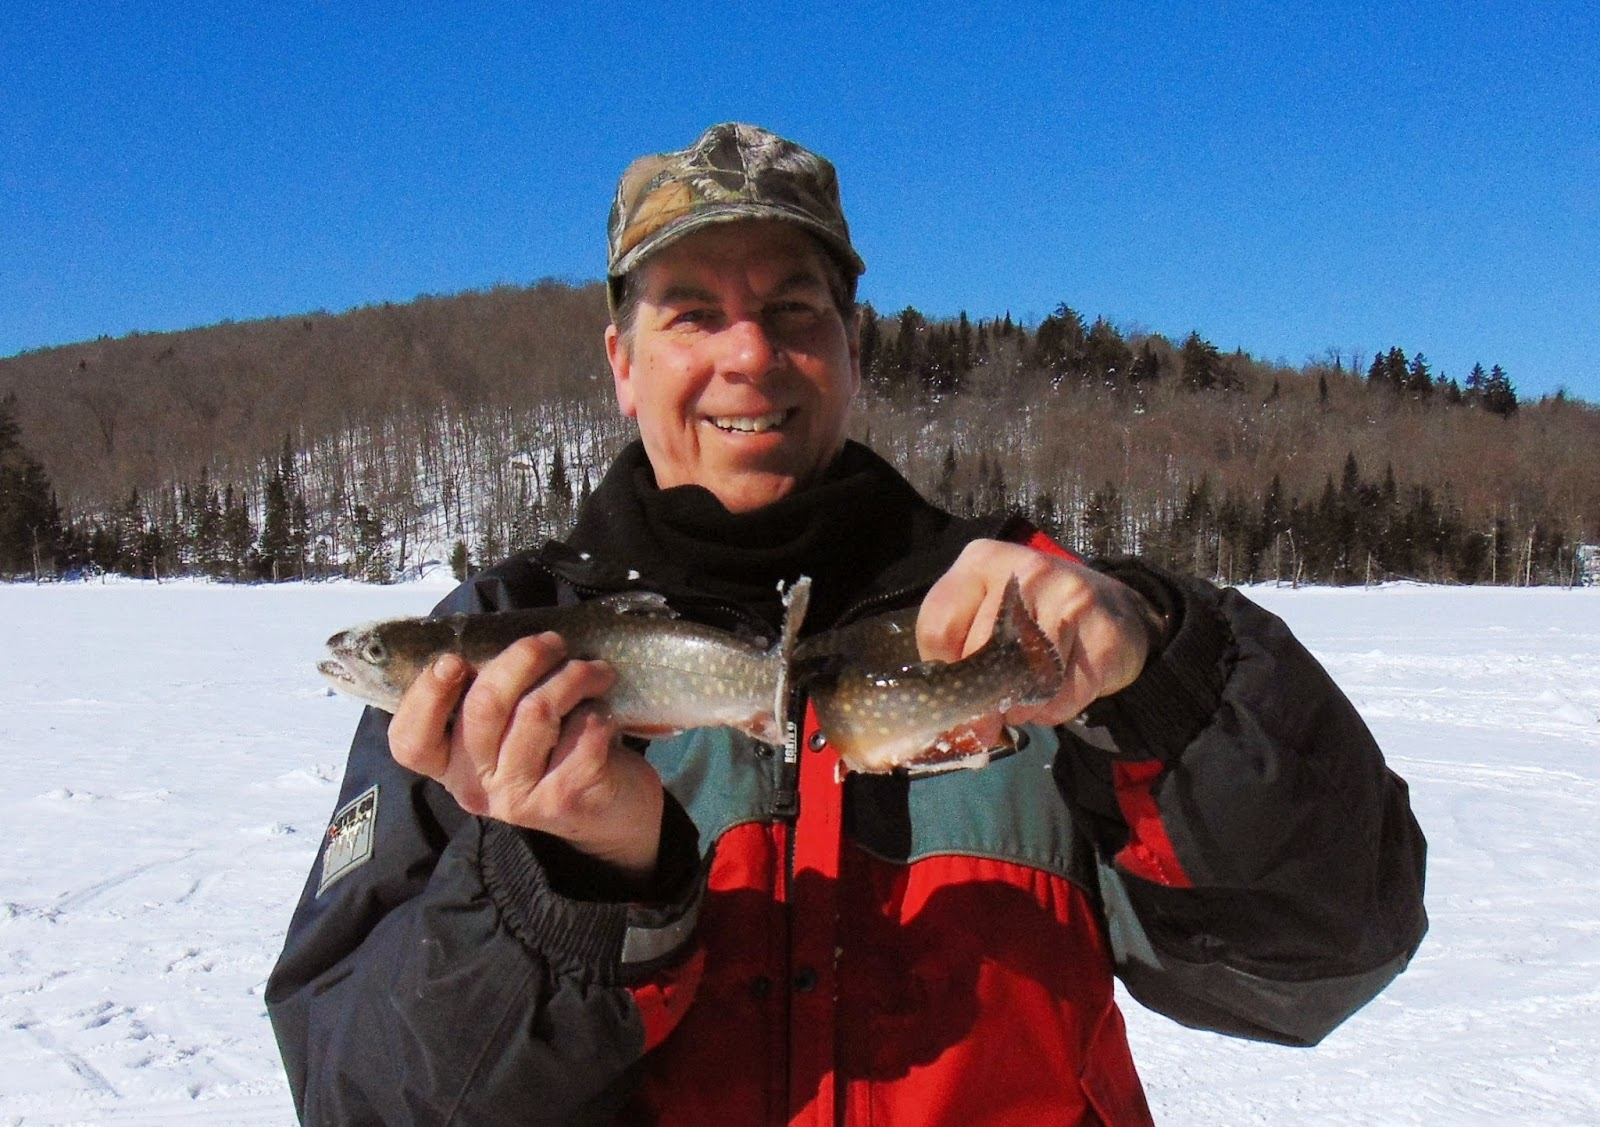 Pêche truite mouchetée en hiver, pêche omble de fontaine sur glace, Daniel Lefaivre, blogue de pêche